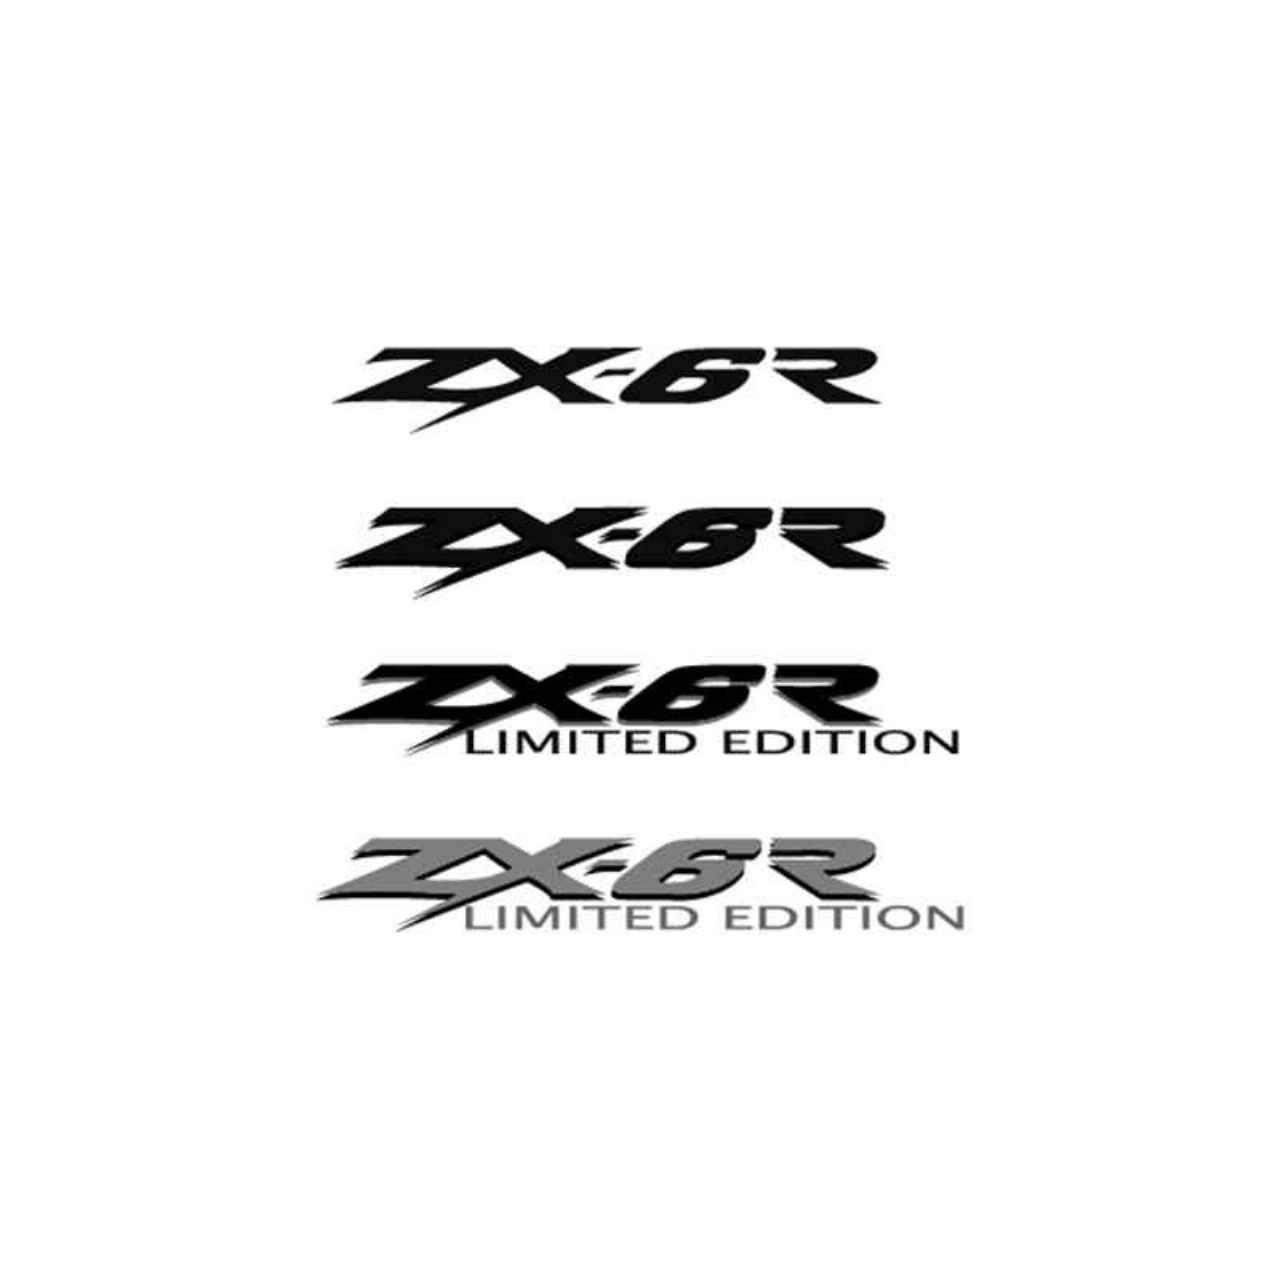 Zx 6r Aftermarket Decal Sticker Ballzbeatz Com